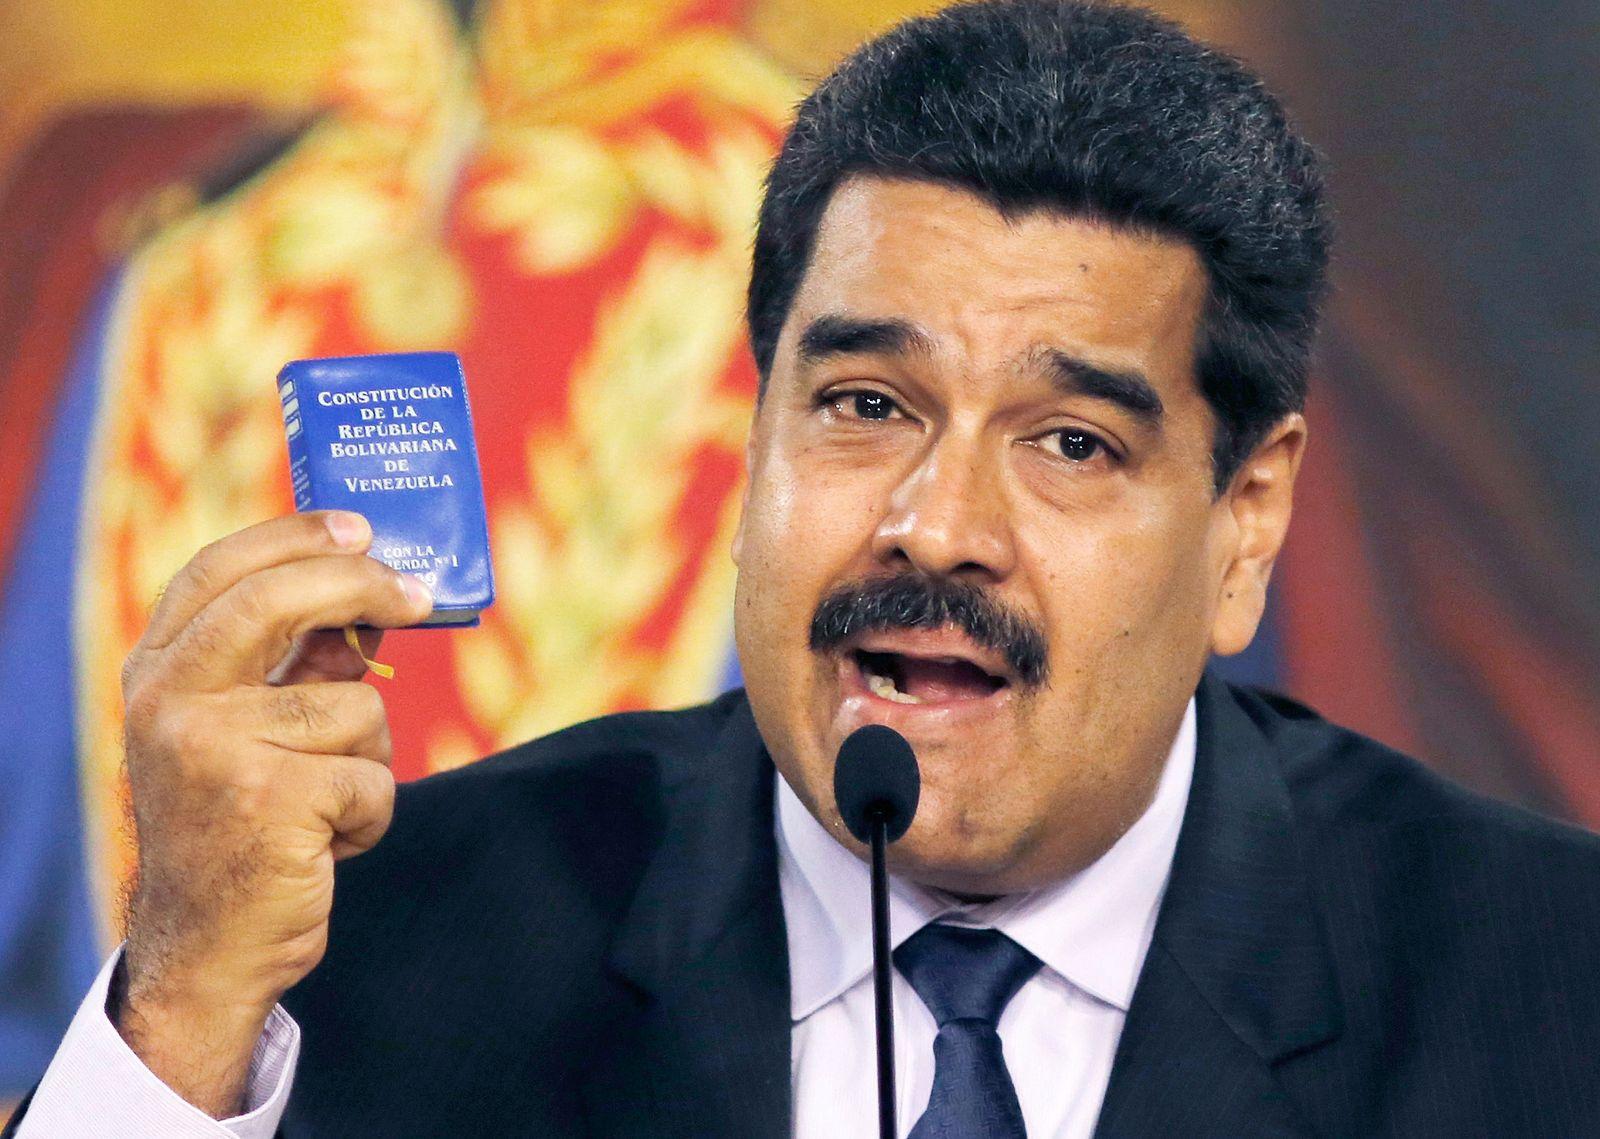 Venezuela/ Verfassung/ Maduro